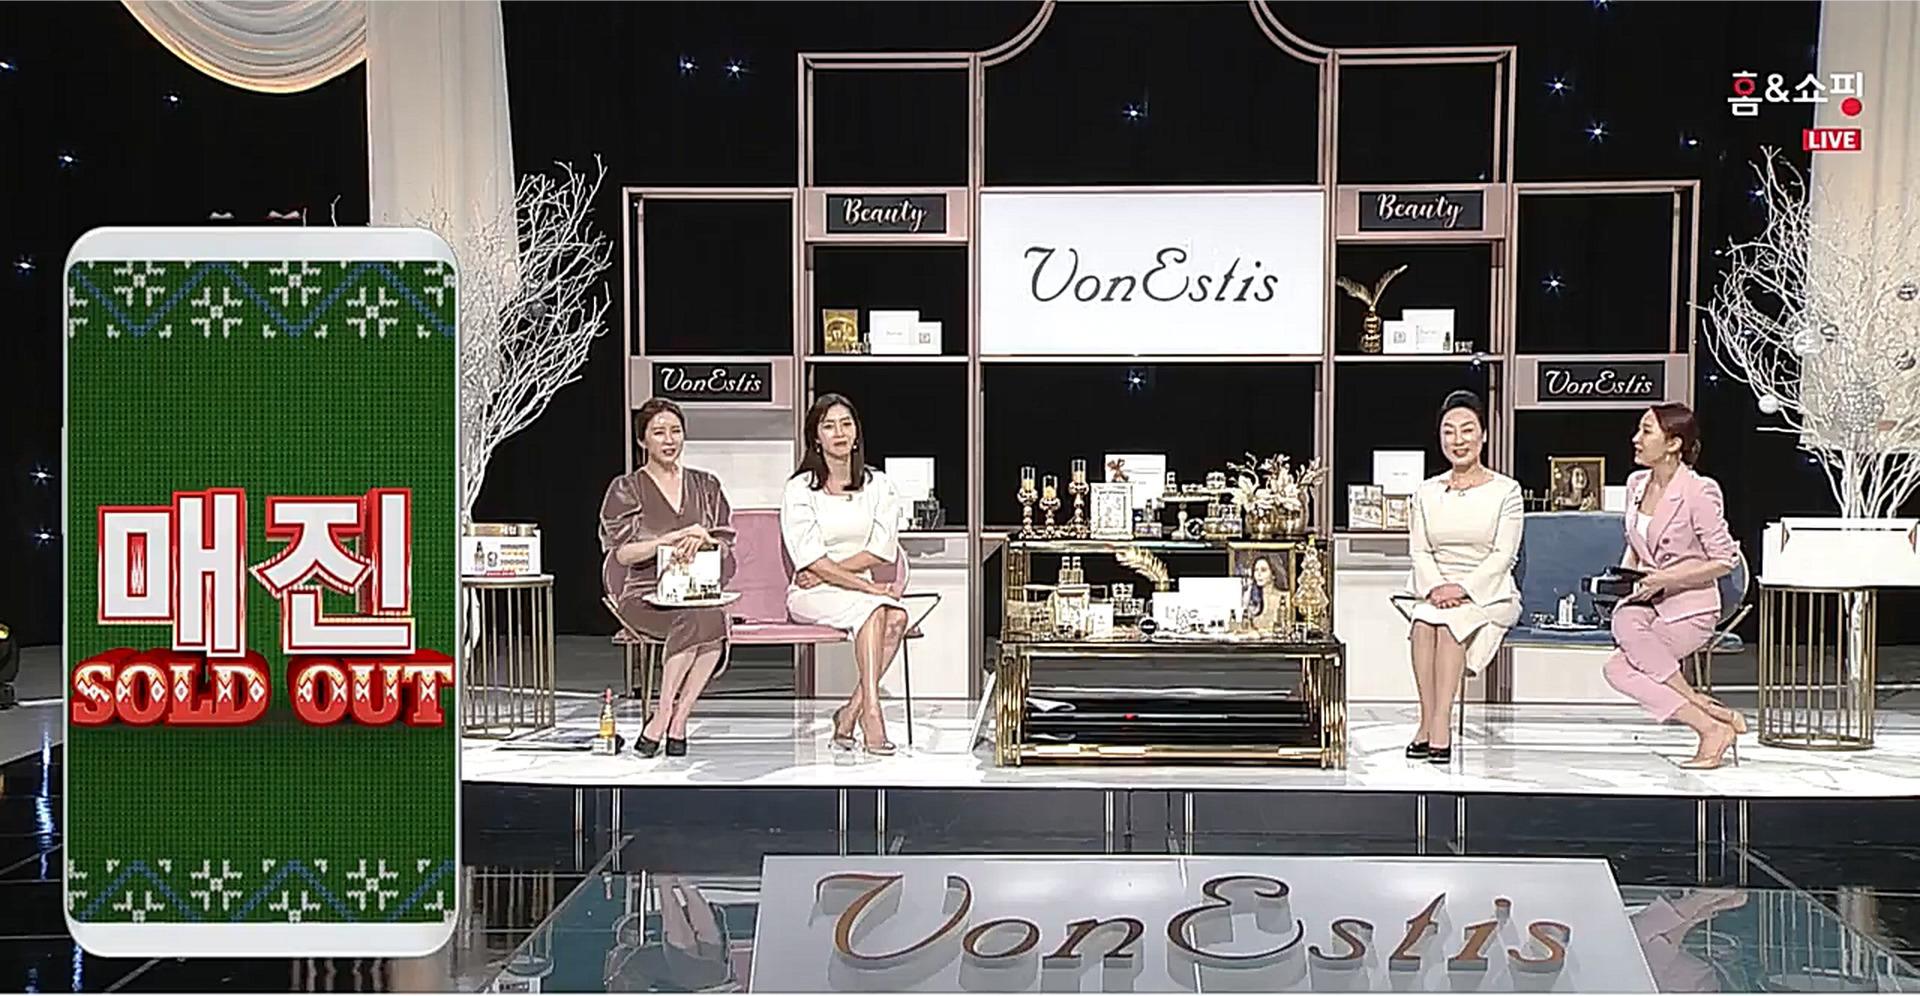 본에스티스 '파이테라피 트라이샷', 홈앤쇼핑 봄맞이 특집 생방송...